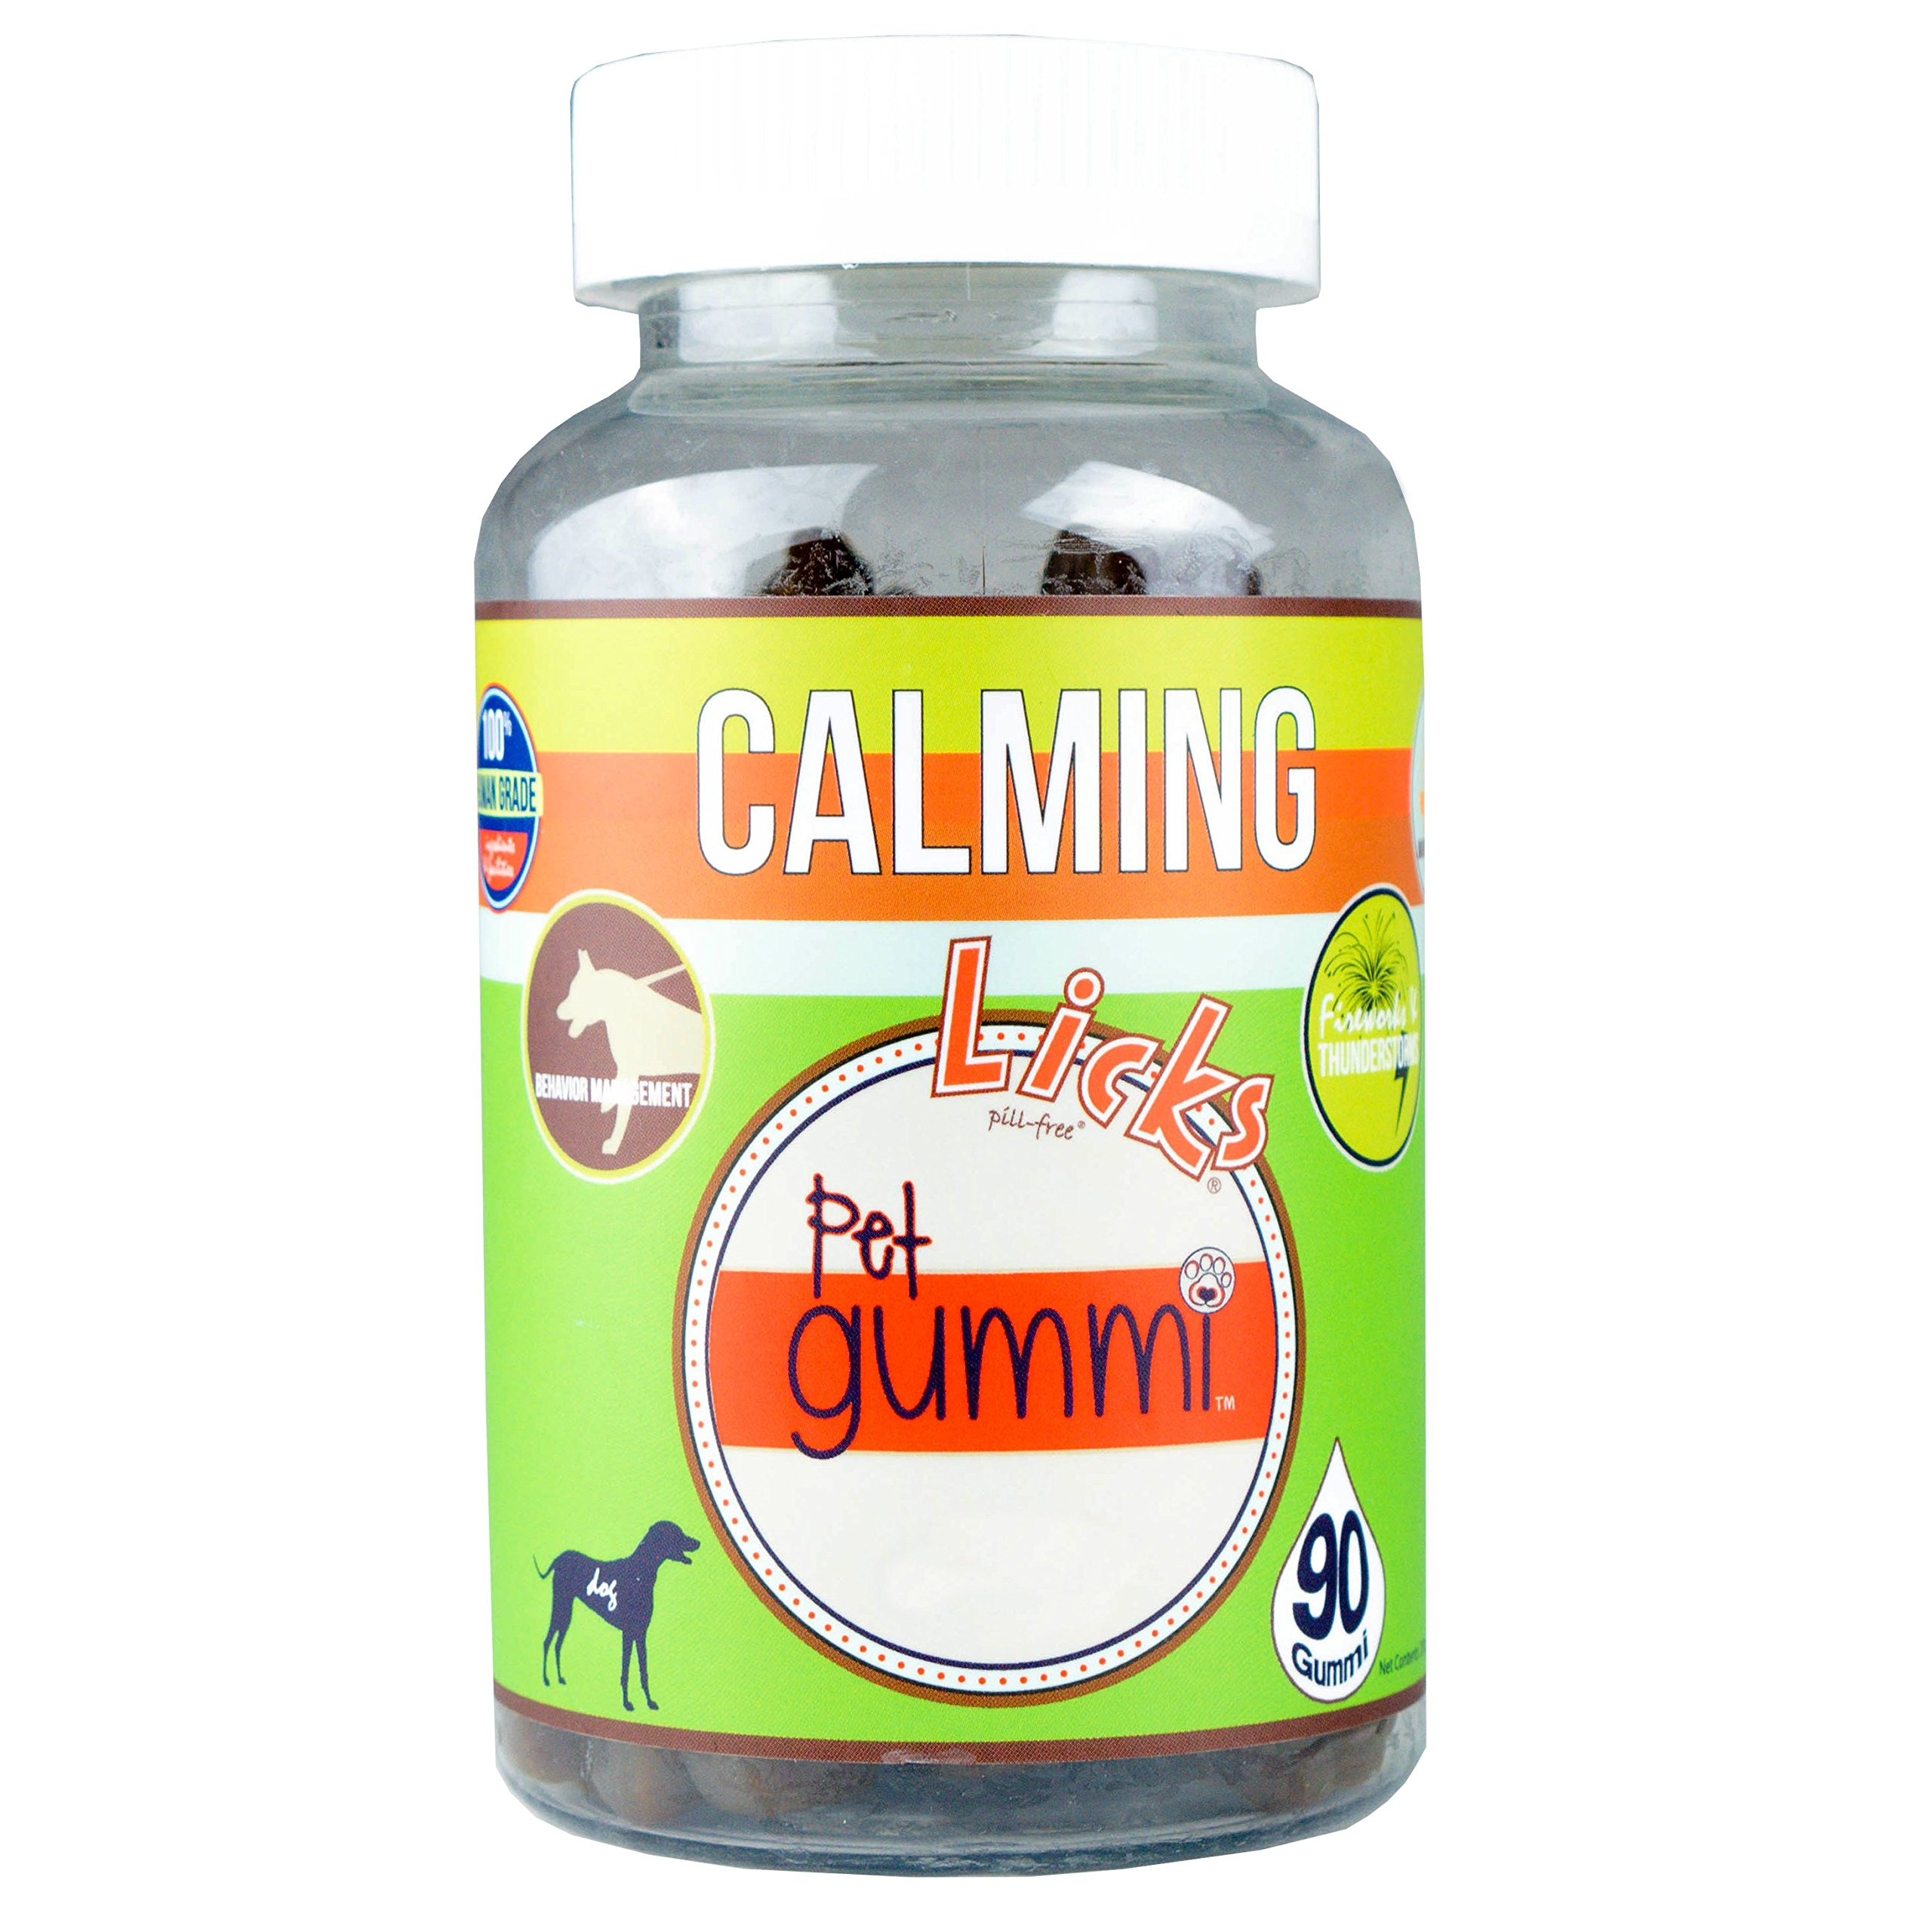 Licks Pill Free NEW! LICKS Dog Calming Pet Gummi Vitamins - 90-count